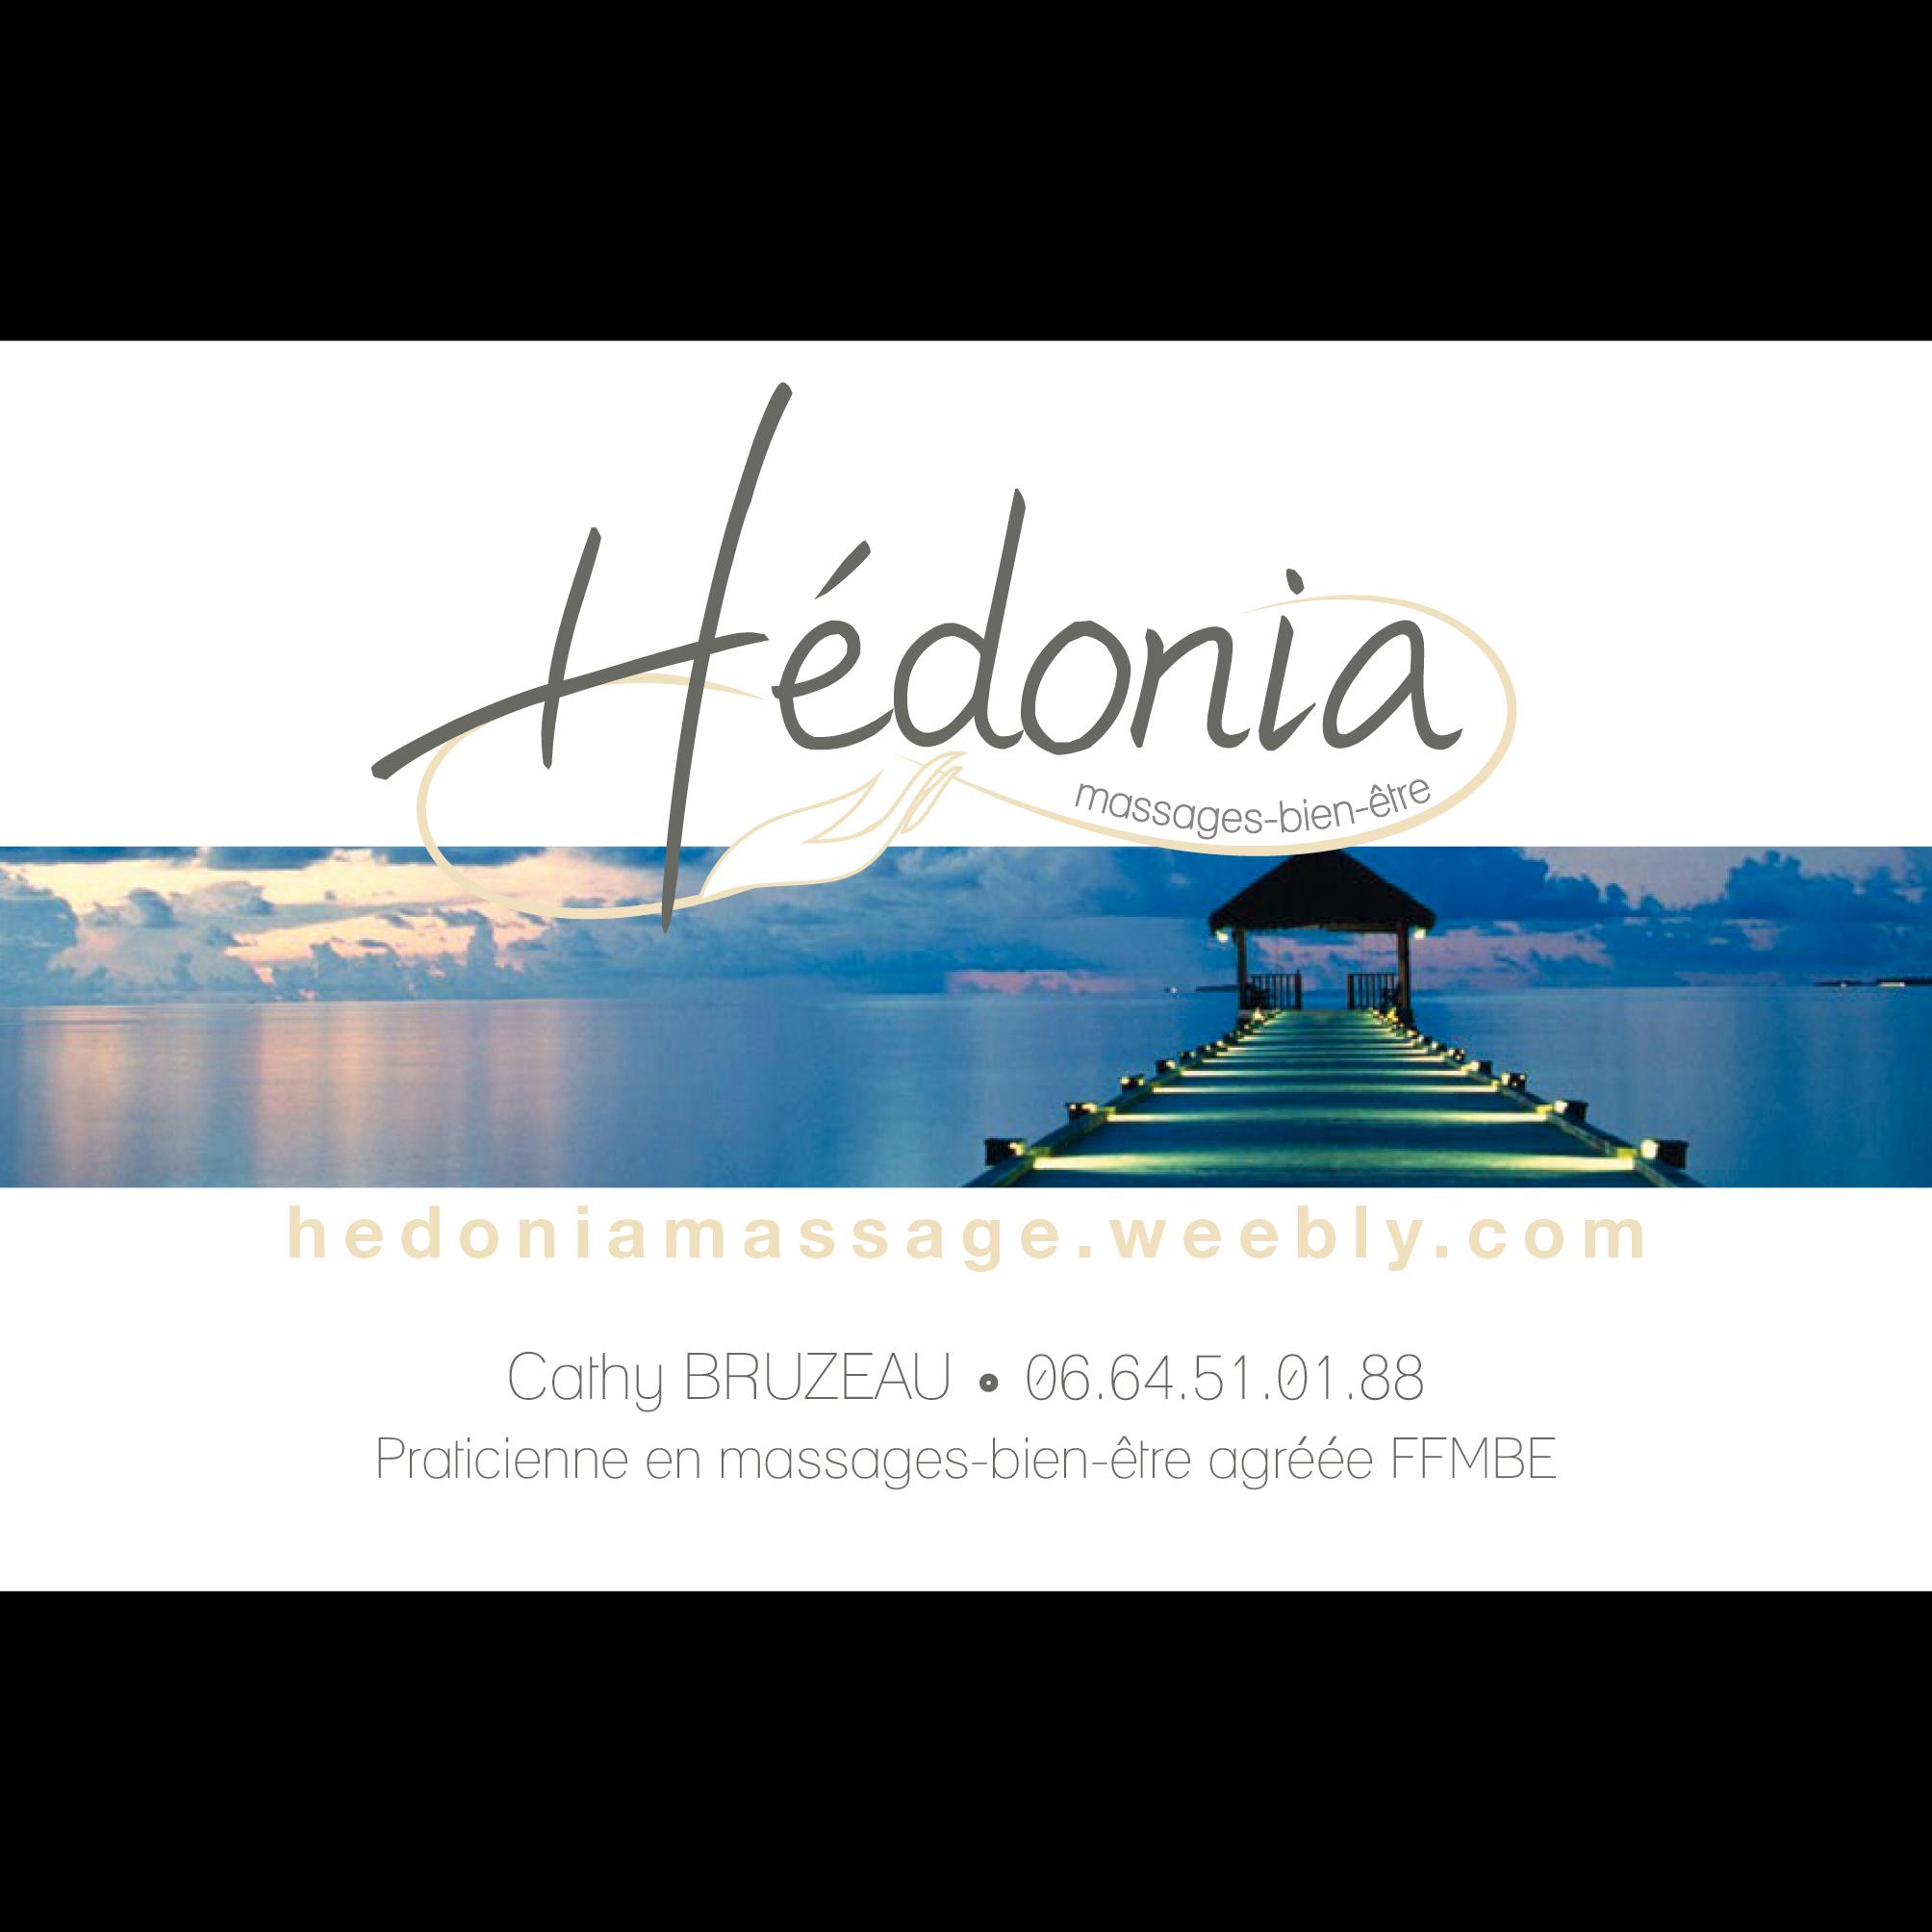 Hédonia - Carte de visite